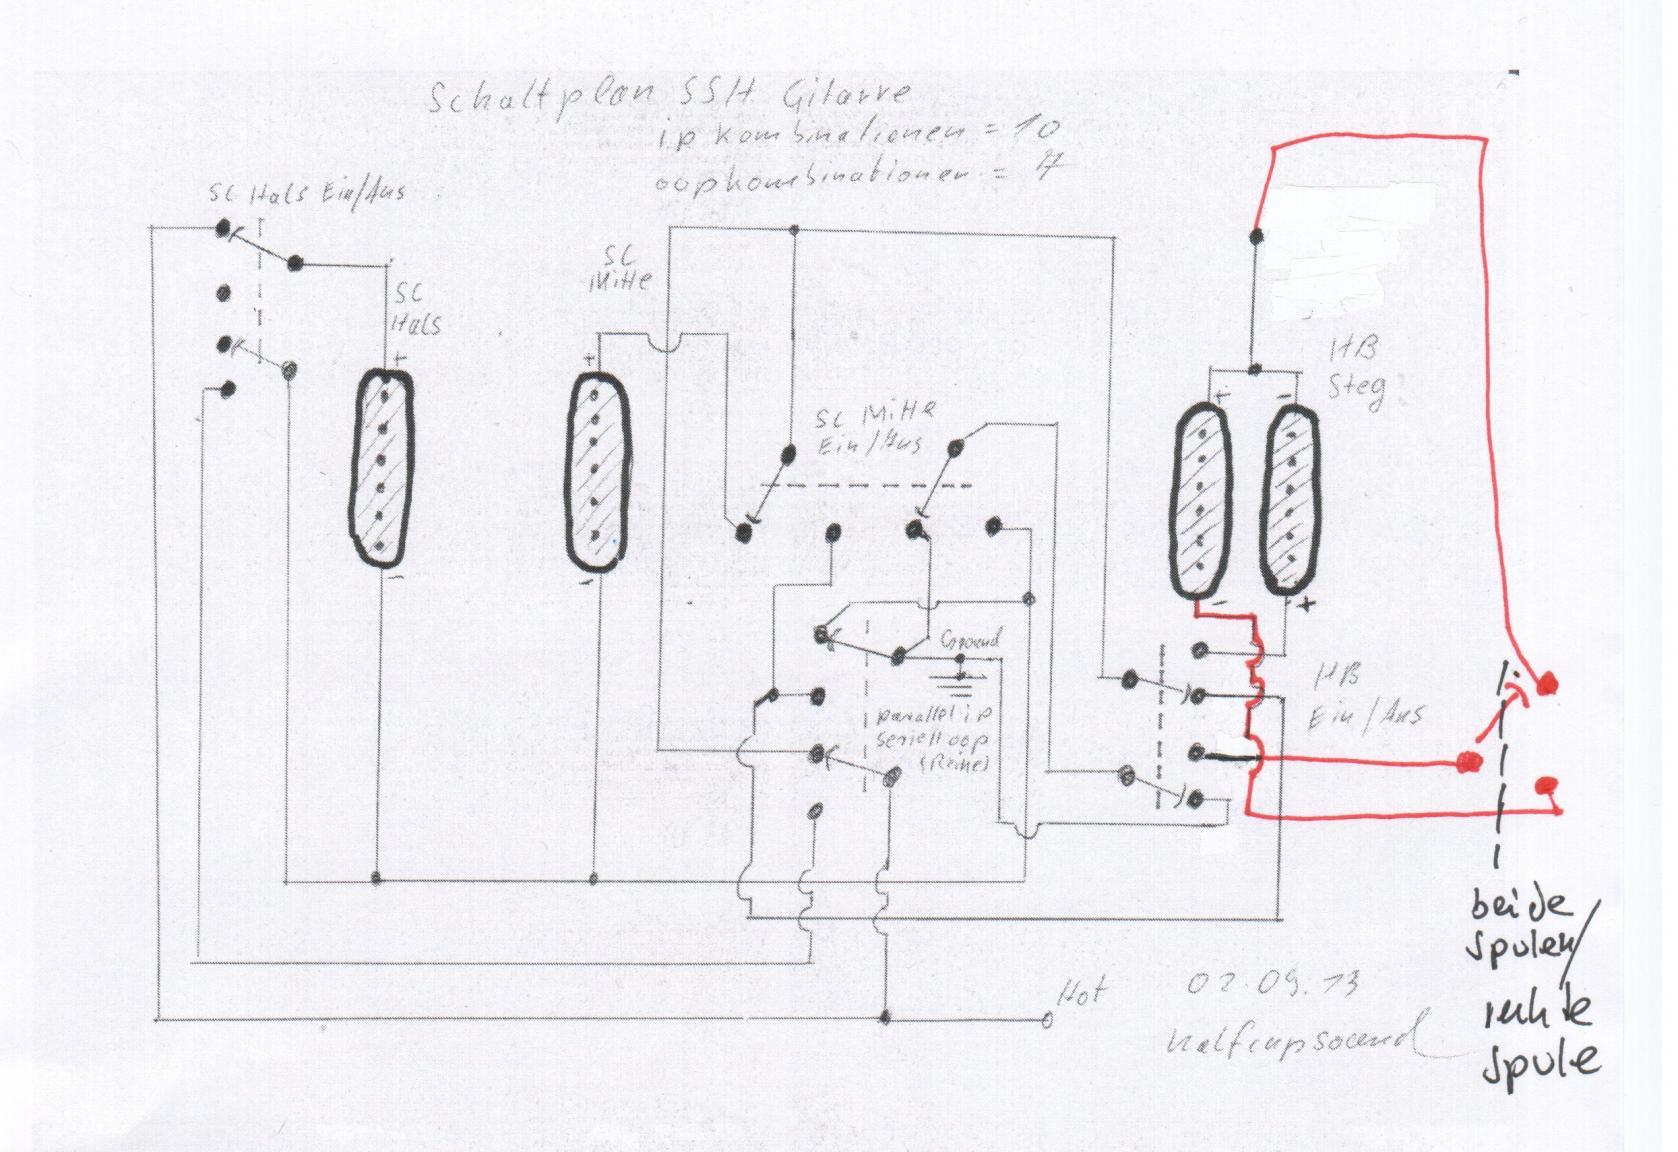 Nett Mogul Stehleuchte Schaltplan Fotos - Schaltplan Serie Circuit ...